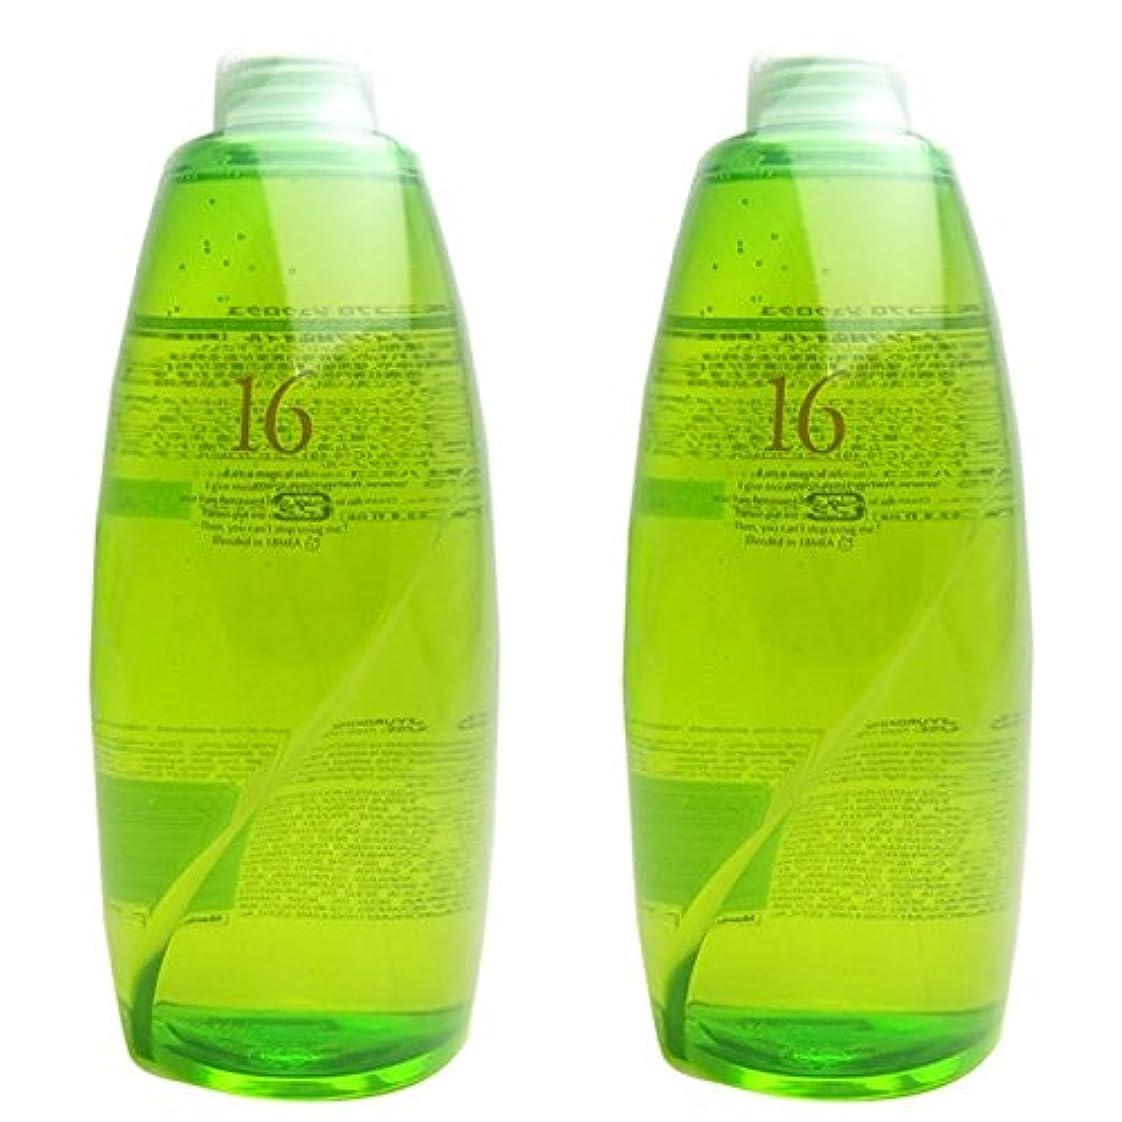 どこにでもテニスバンク【X2個セット】 ハホニコ 十六油 (洗い流さないトリートメント) 1000ml 詰替え用 hahonico